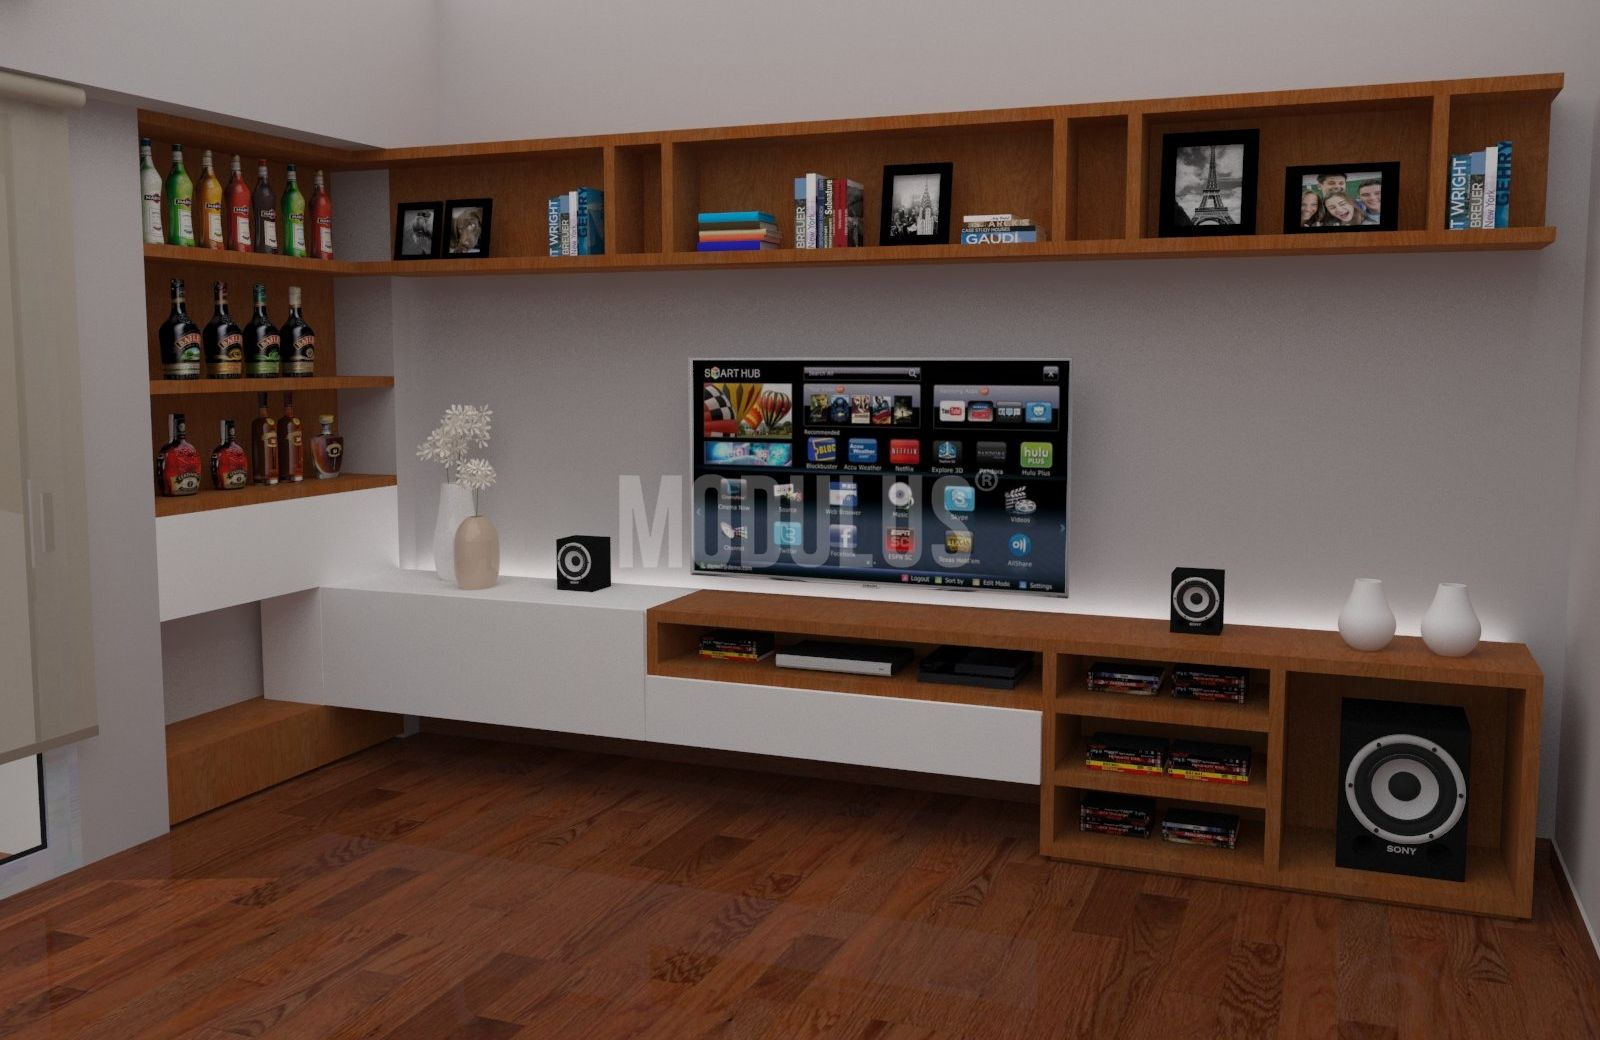 Muebles tuco zaragoza obtenga ideas dise o de muebles para su hogar aqu - Muebles tuco badajoz ...